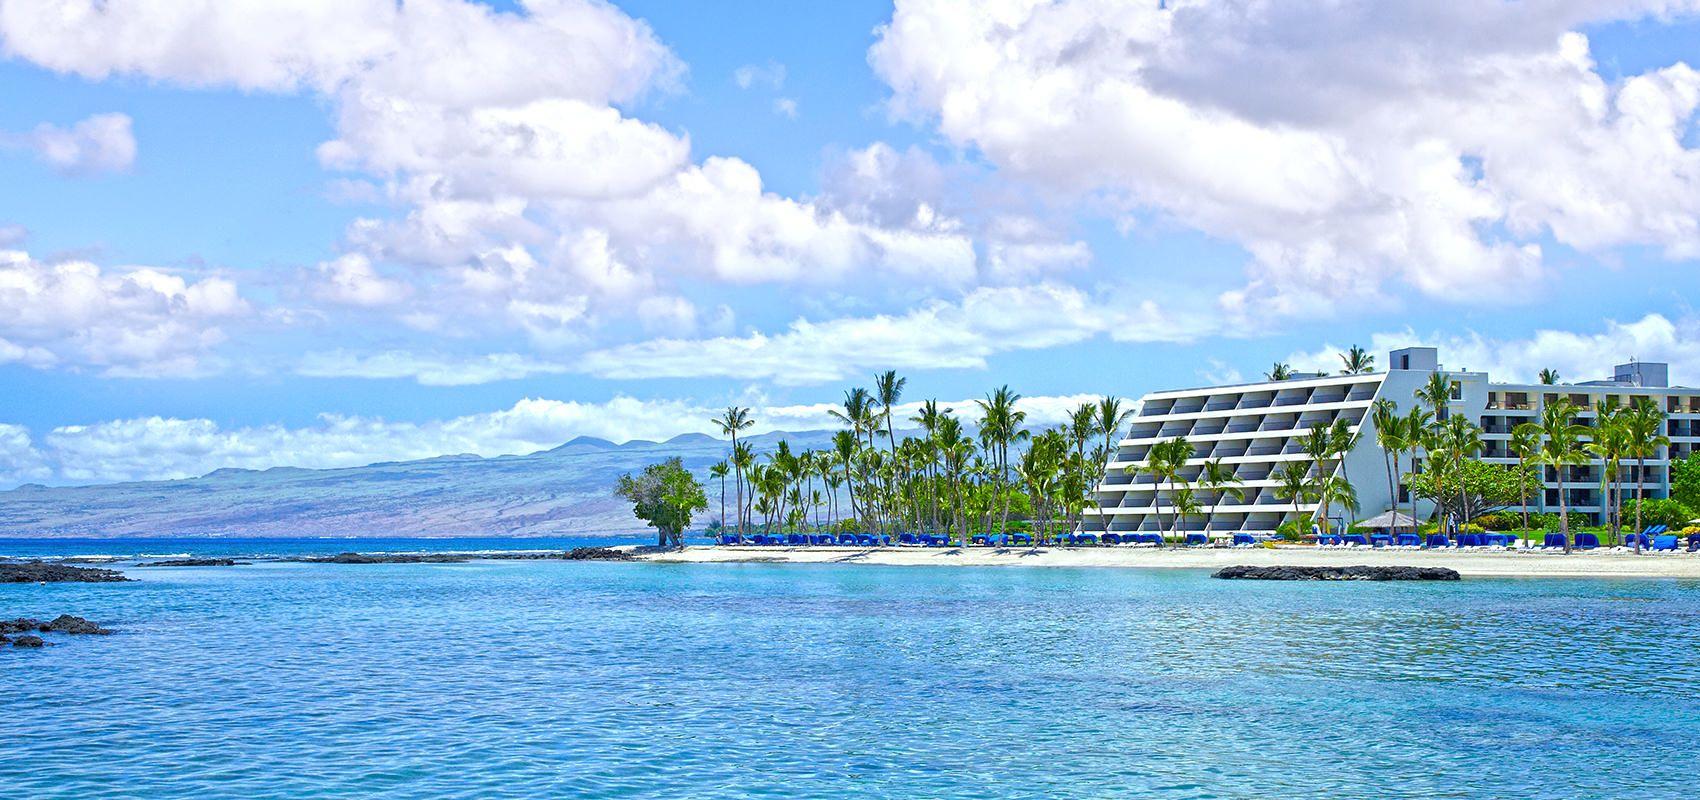 Hawaii Big Island Luxury Hotels & Resorts Mauna Lani Bay